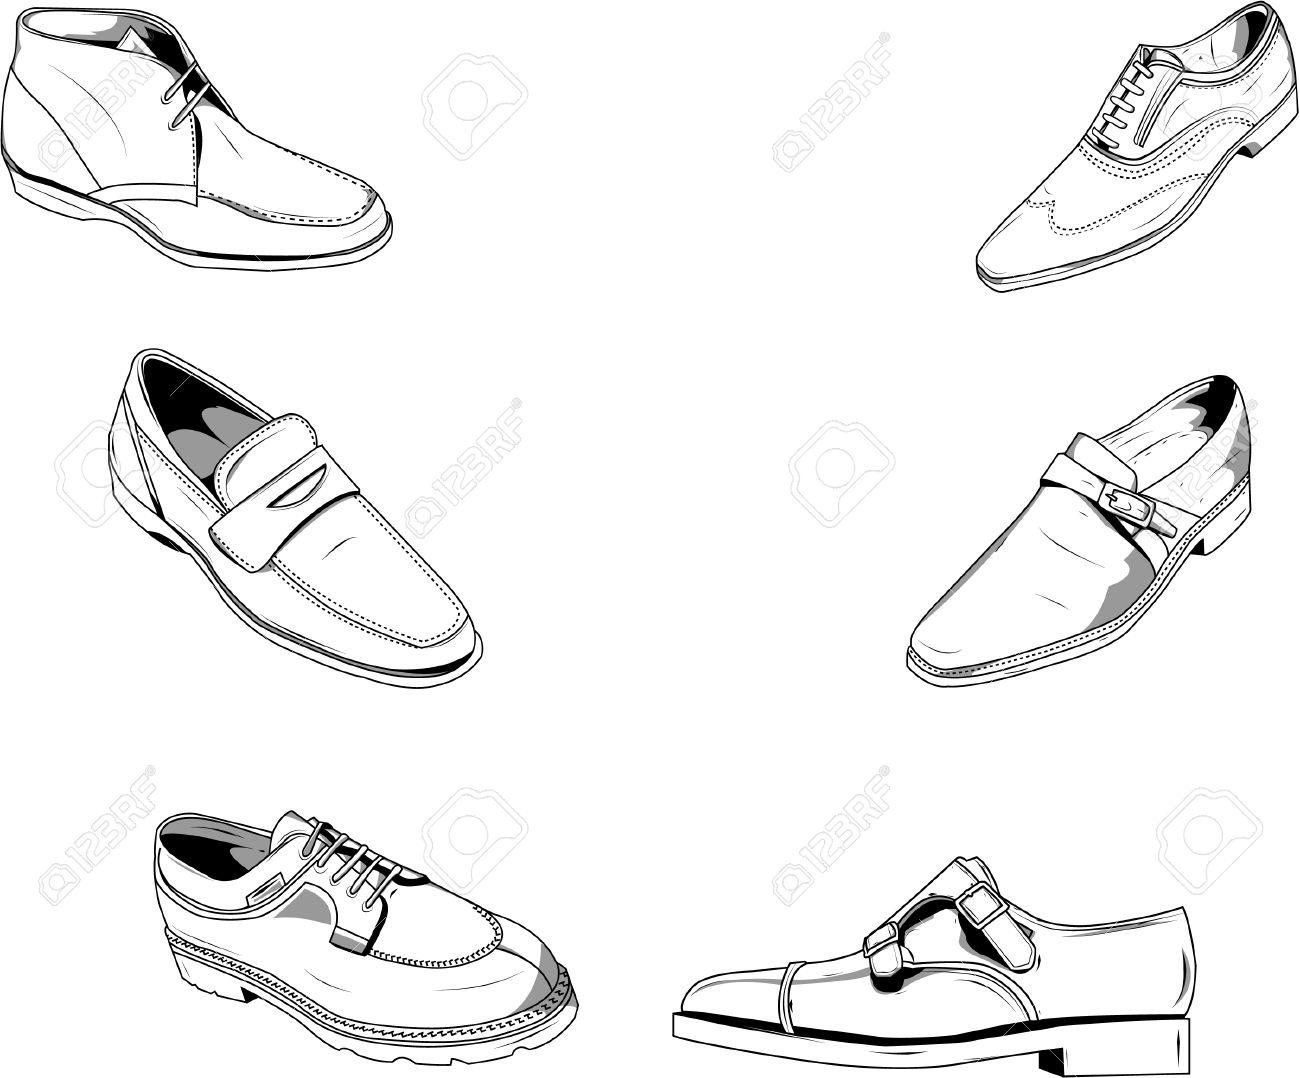 ファッションとデザインの他のタイプの良いベクトルの古典的な紳士靴のイラスト。別のレイヤー上のベクトルは、色を簡単に変更できます。